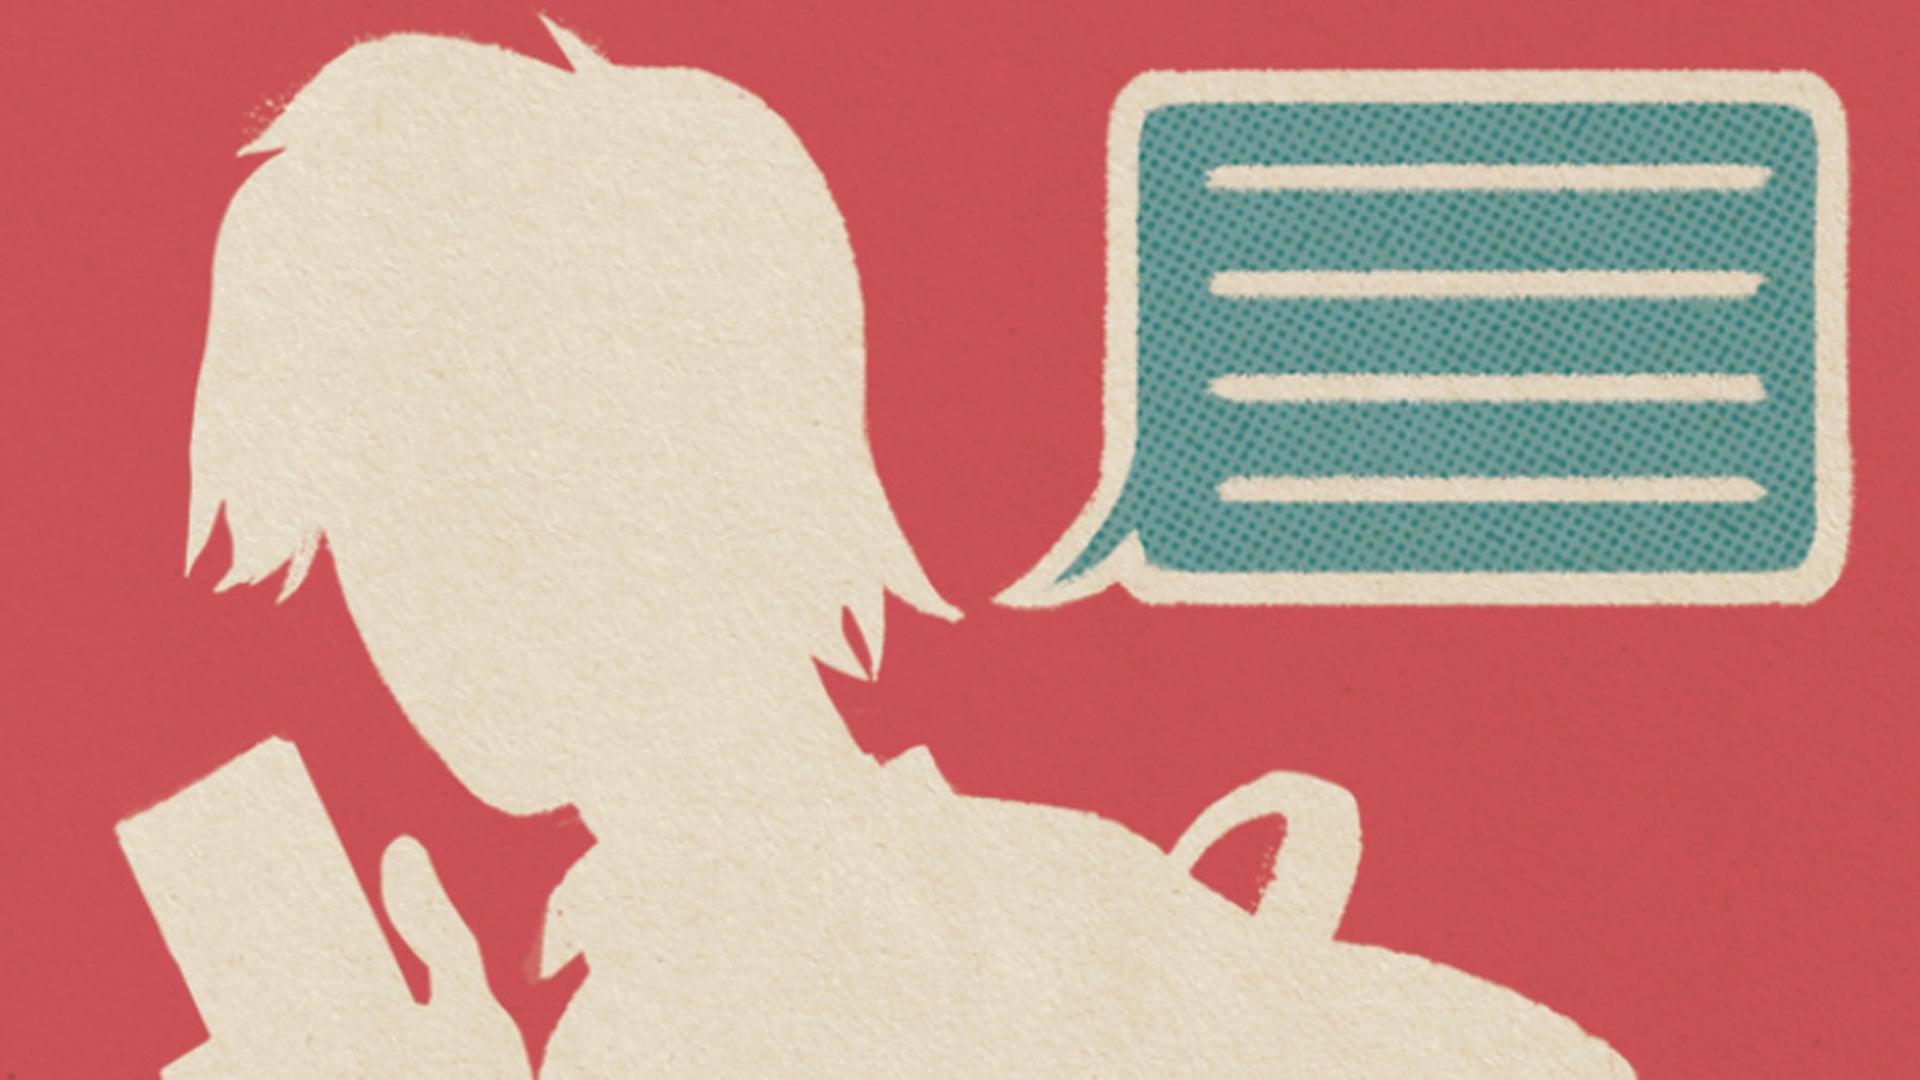 alice-is-missing-rpg-card-art-phone.jpg